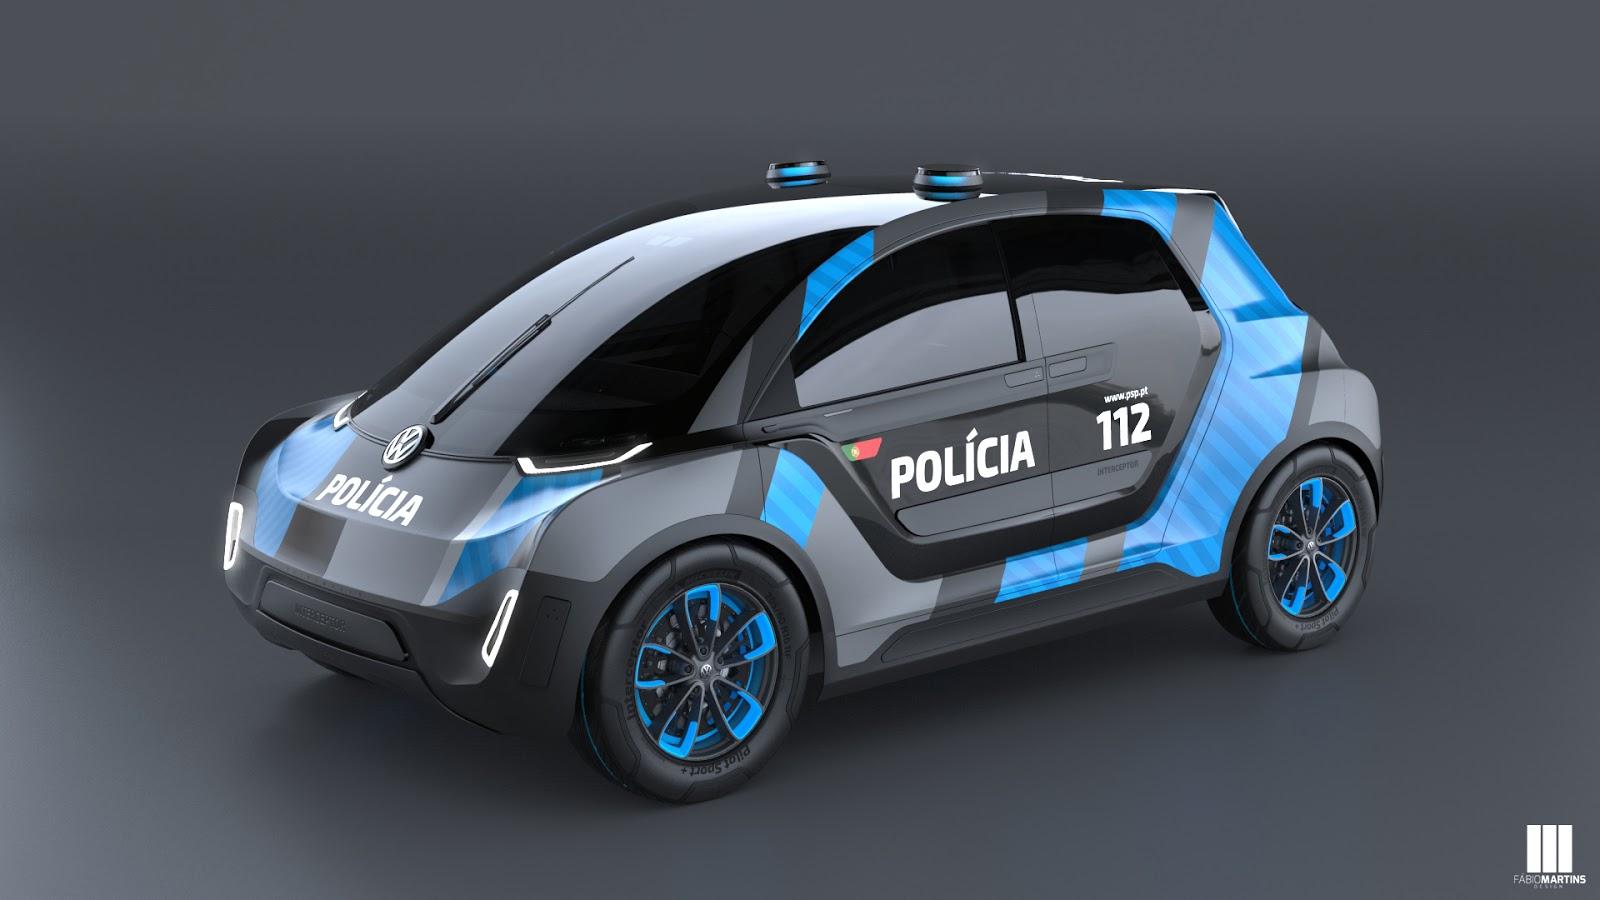 ماشین پلیس مخصوص فولکسواگن برای گشت شهری